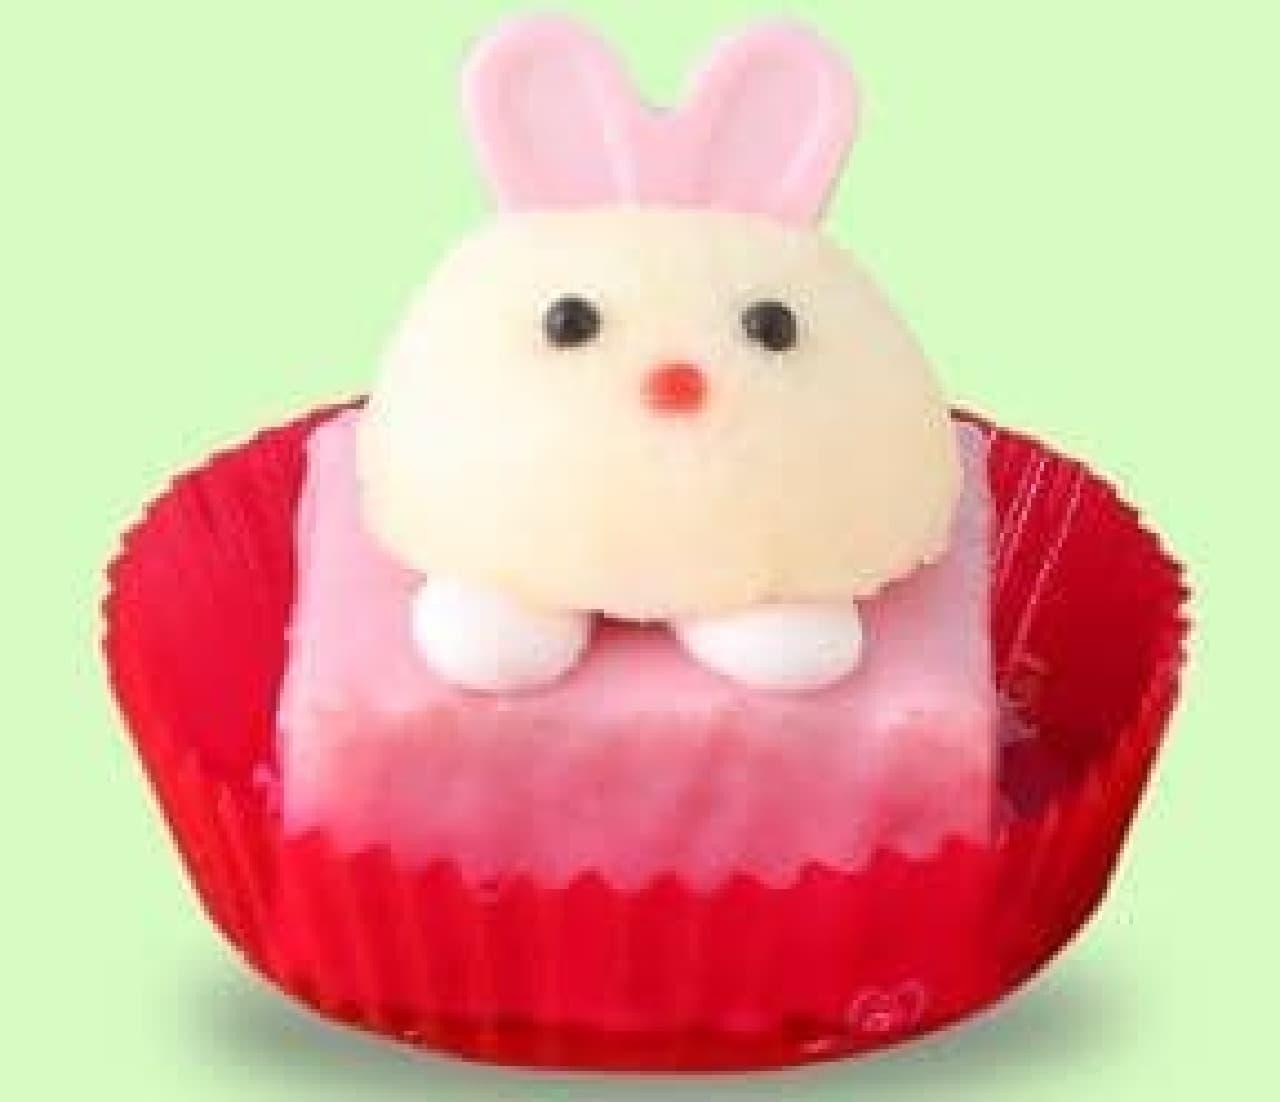 セブン-イレブン「ふわふわうさぎ ストロベリーケーキ」